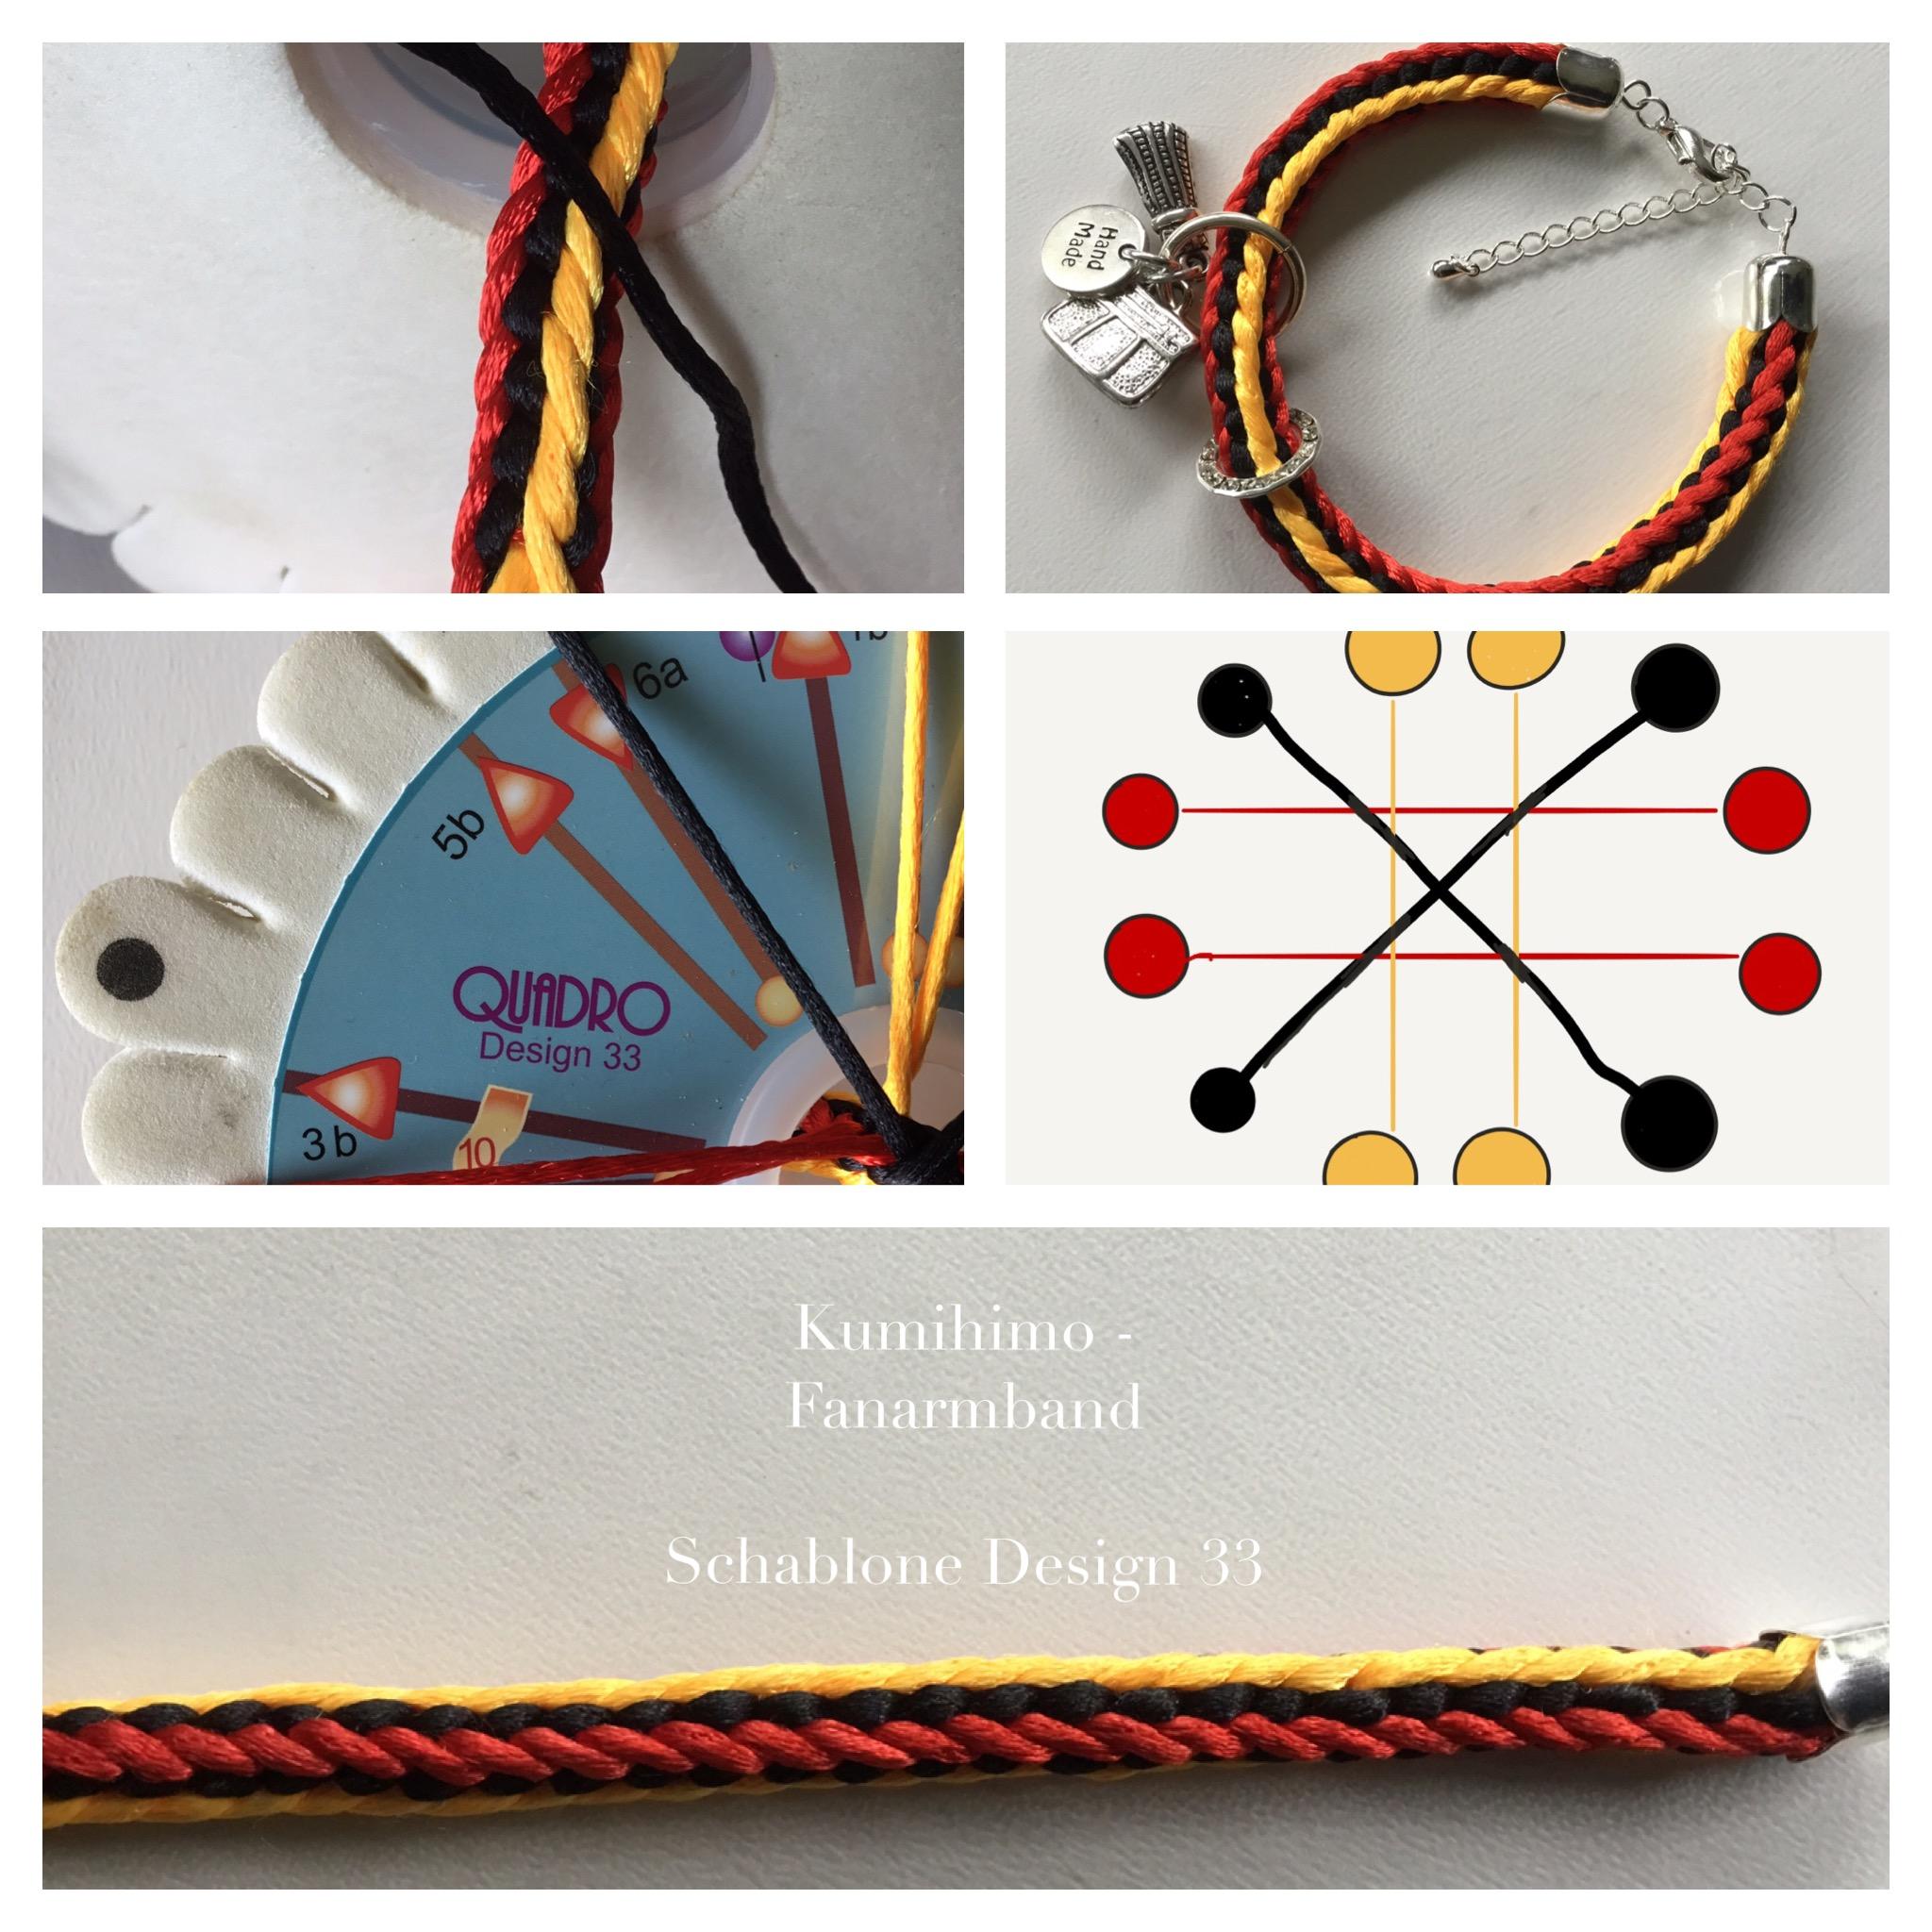 Kumihimo Fan-Armband